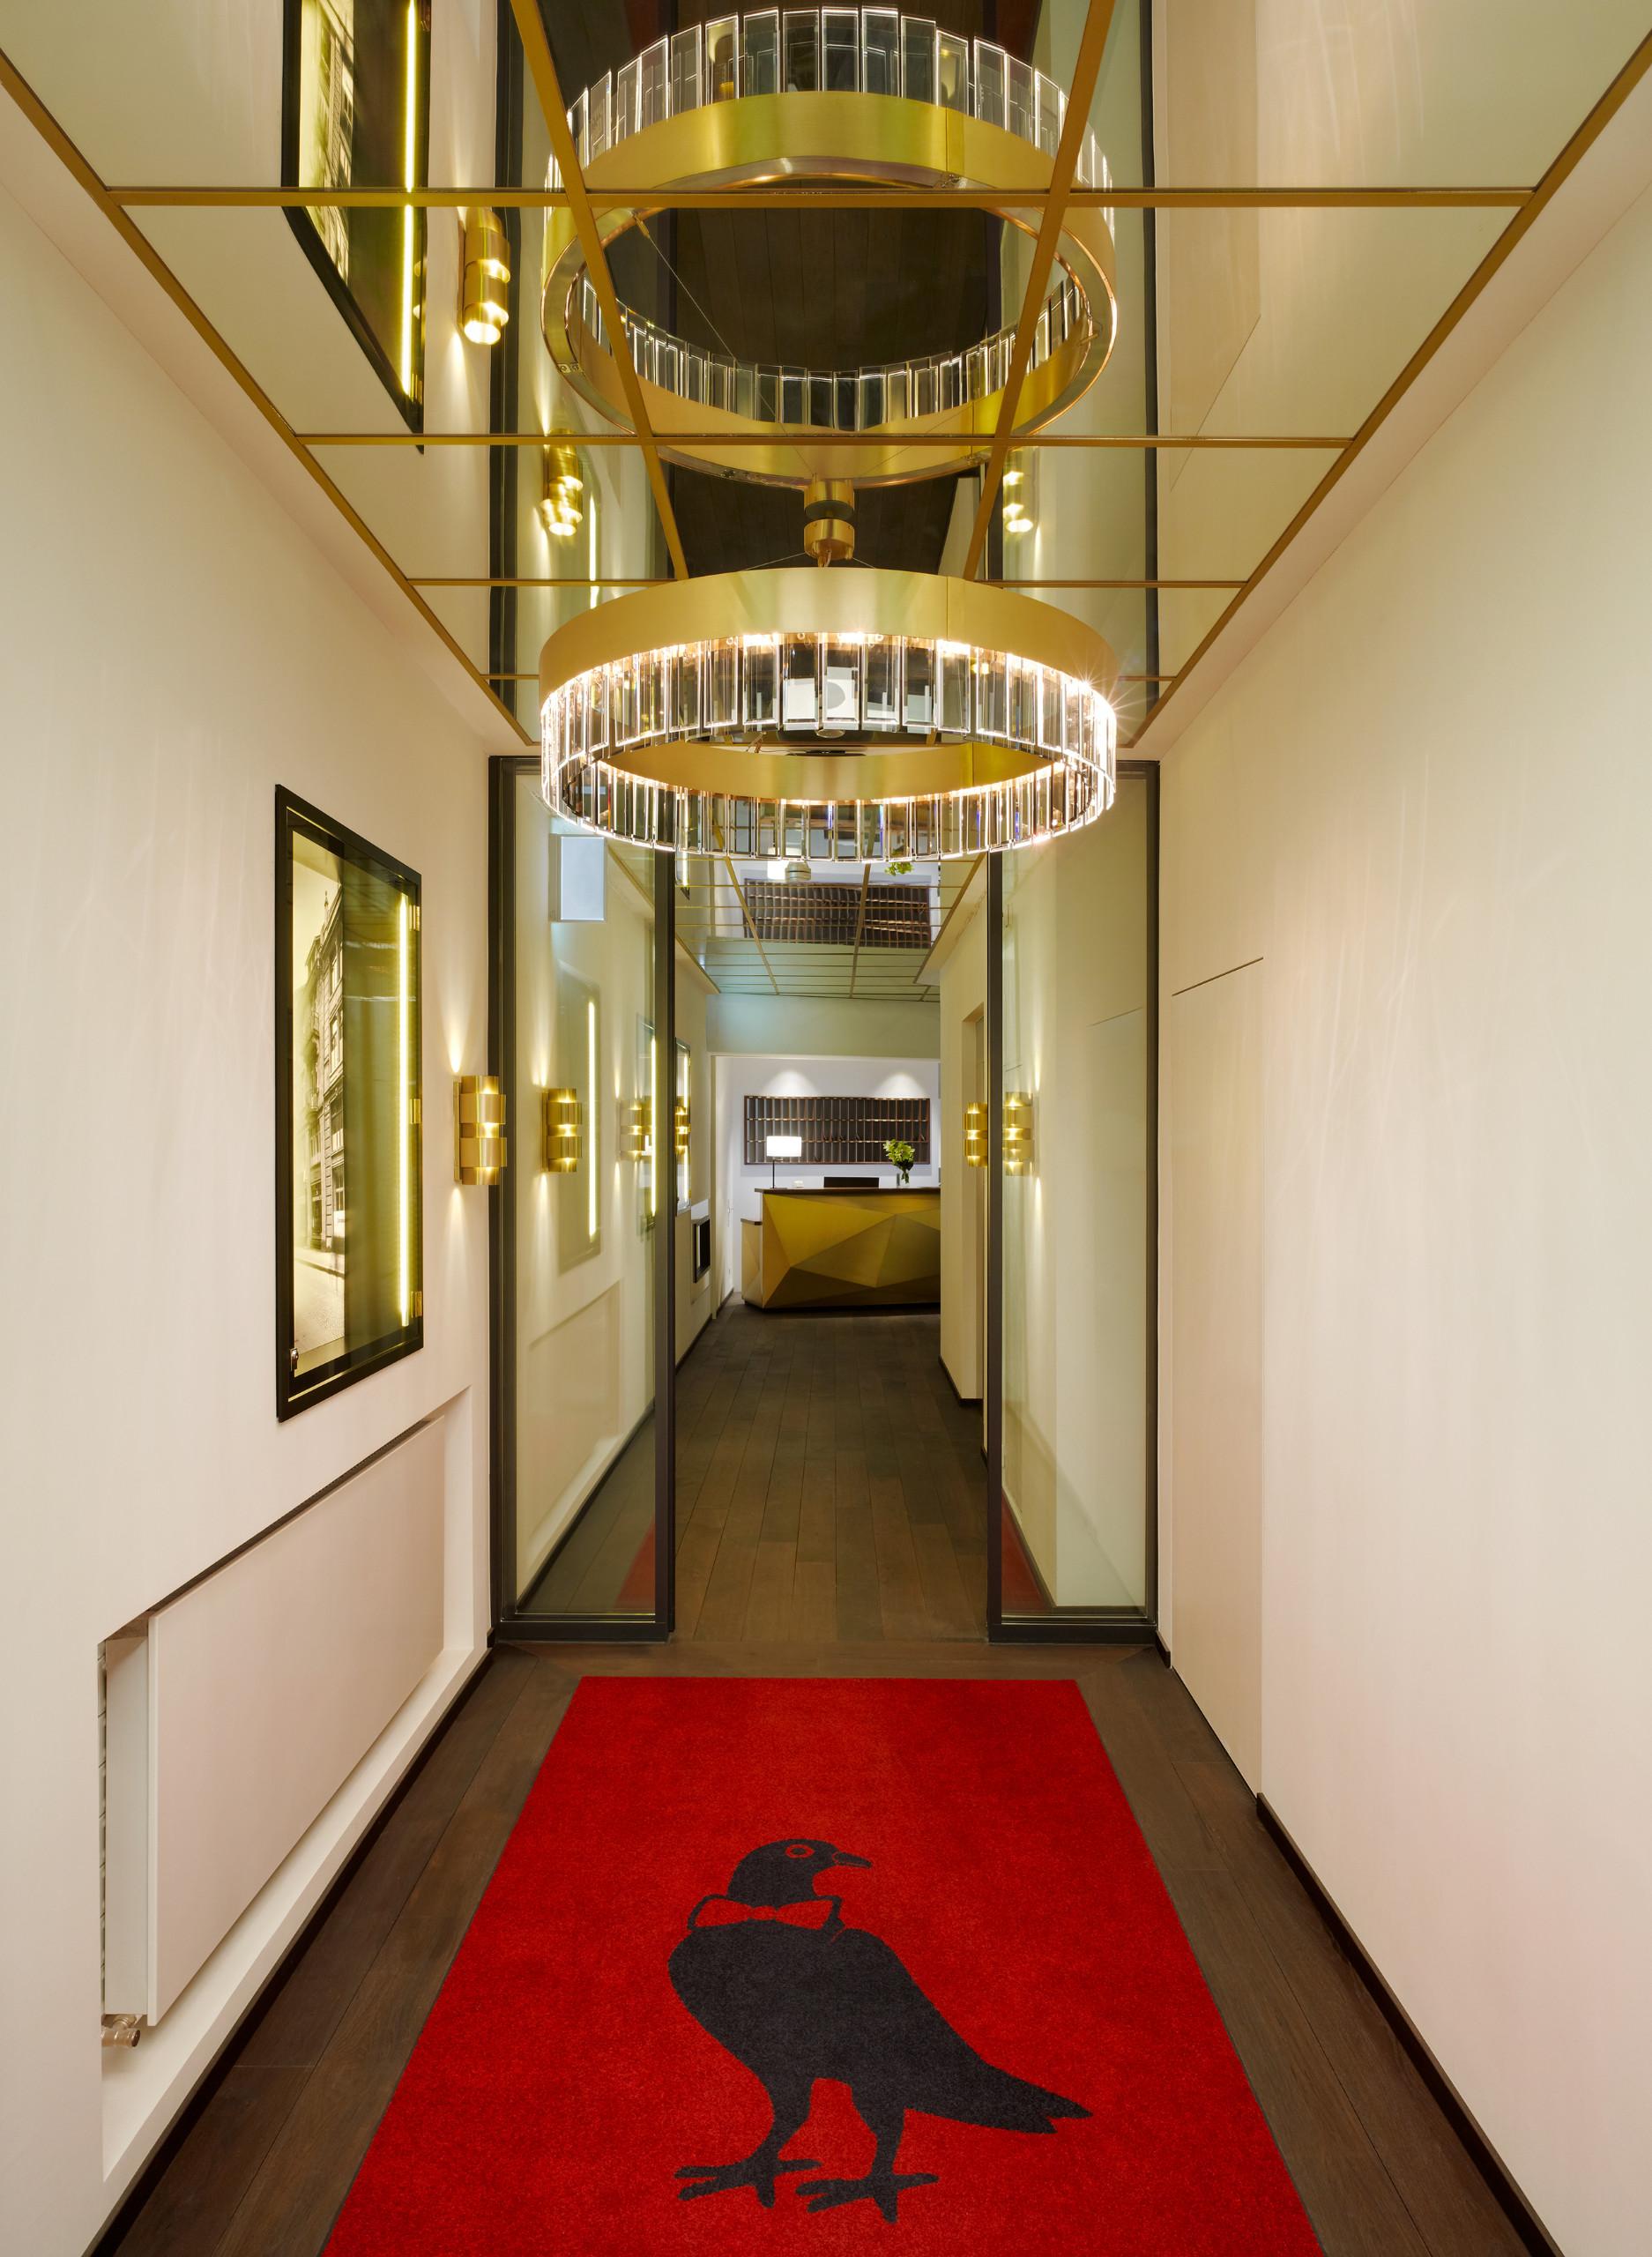 Ausstattung - Hotel City Zürich ***Superior Boutique Hotel - Empfang